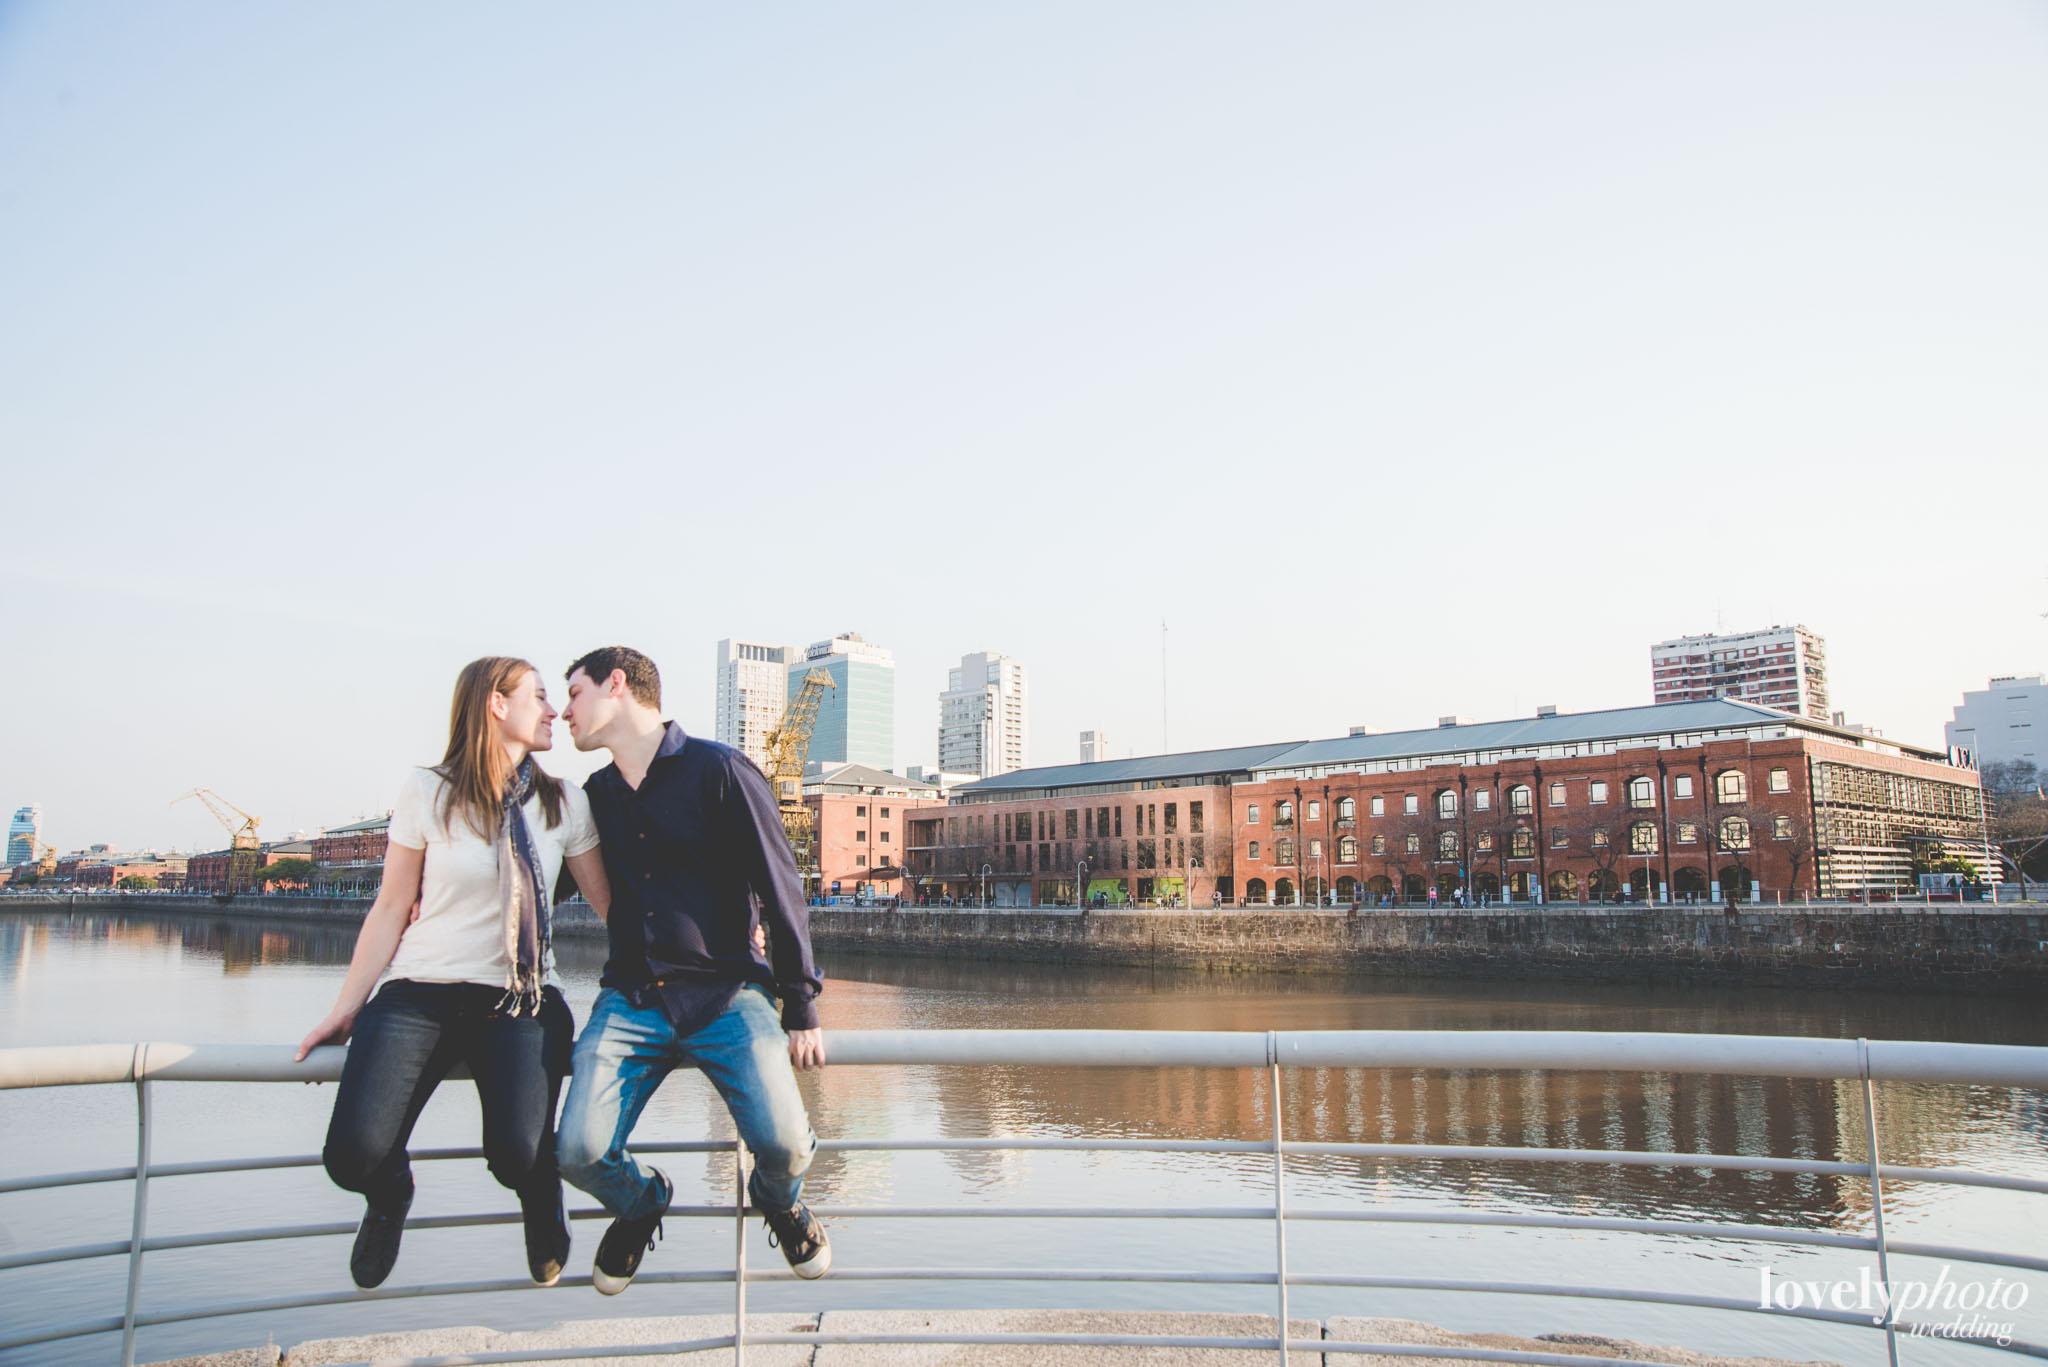 Lovely Photo Wedding - fotografía de bodas, prebodas, esession, e-session, e-sesion, compromiso, sesión de fotos, fotos de novios, fotógrafo casamiento buenos aires, engagement, engagement buenos aires, elopement, elopement buenos aires